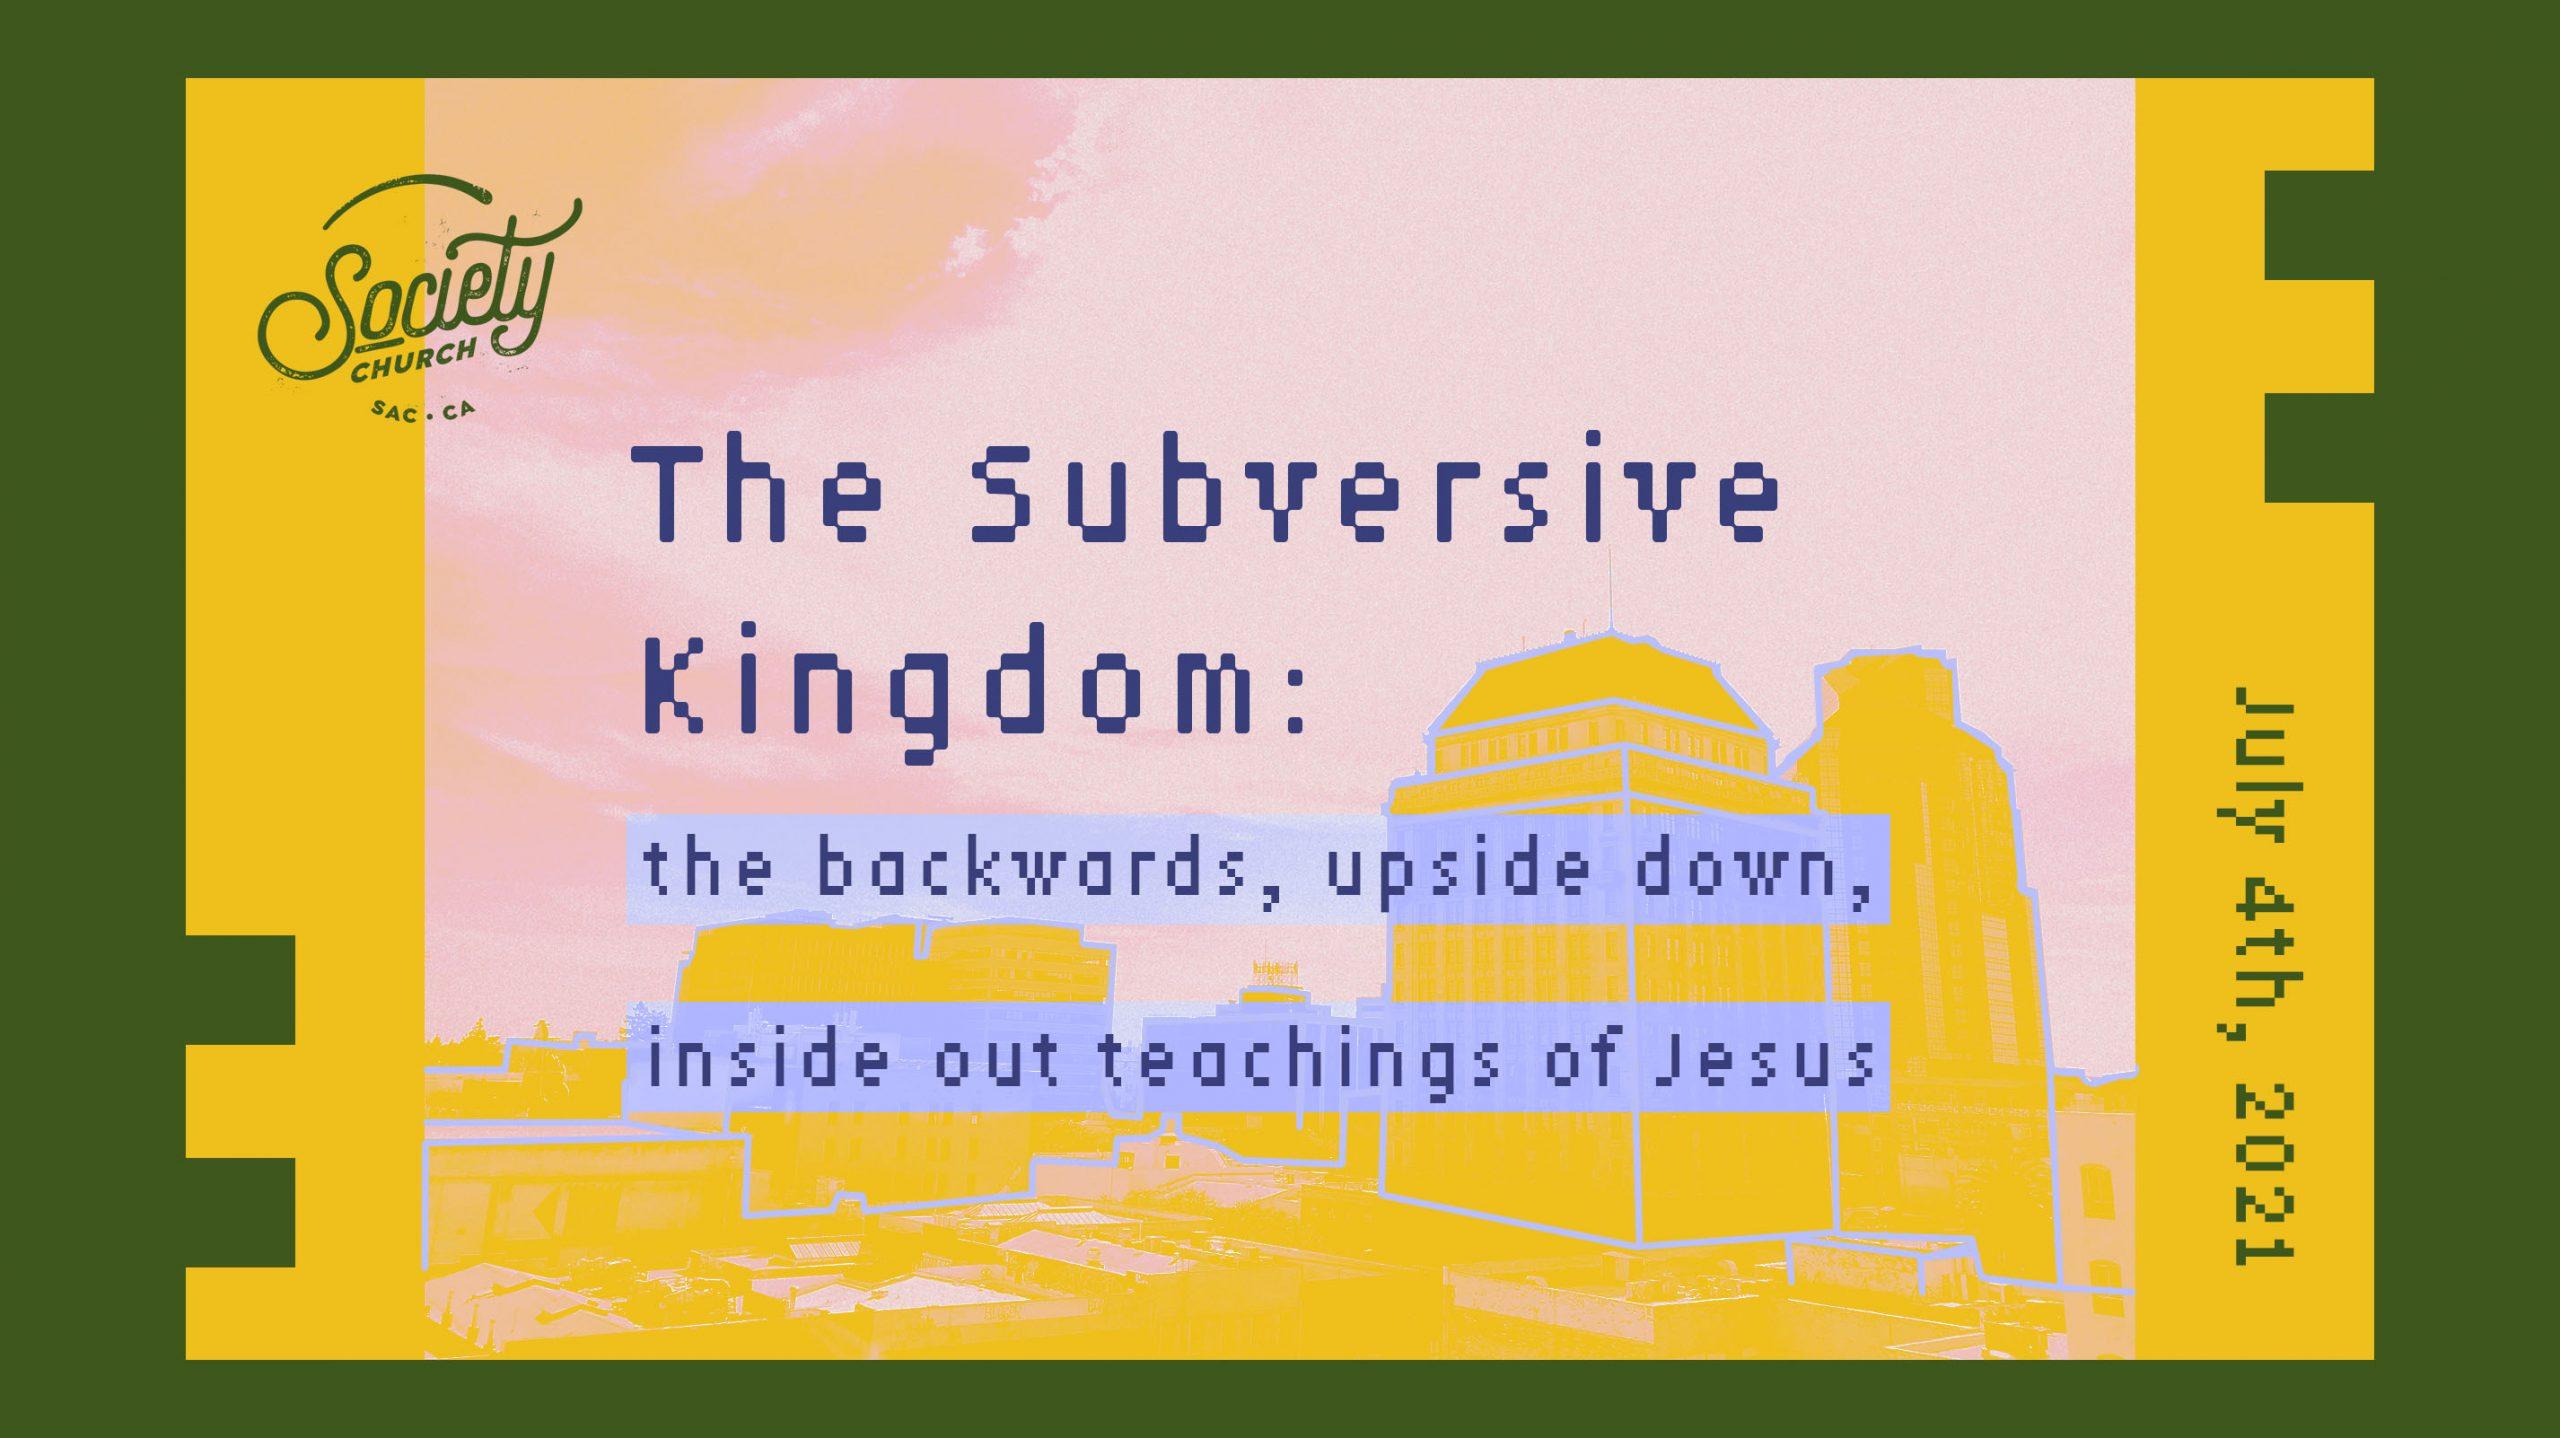 The Subversive Kingdom: Week 2